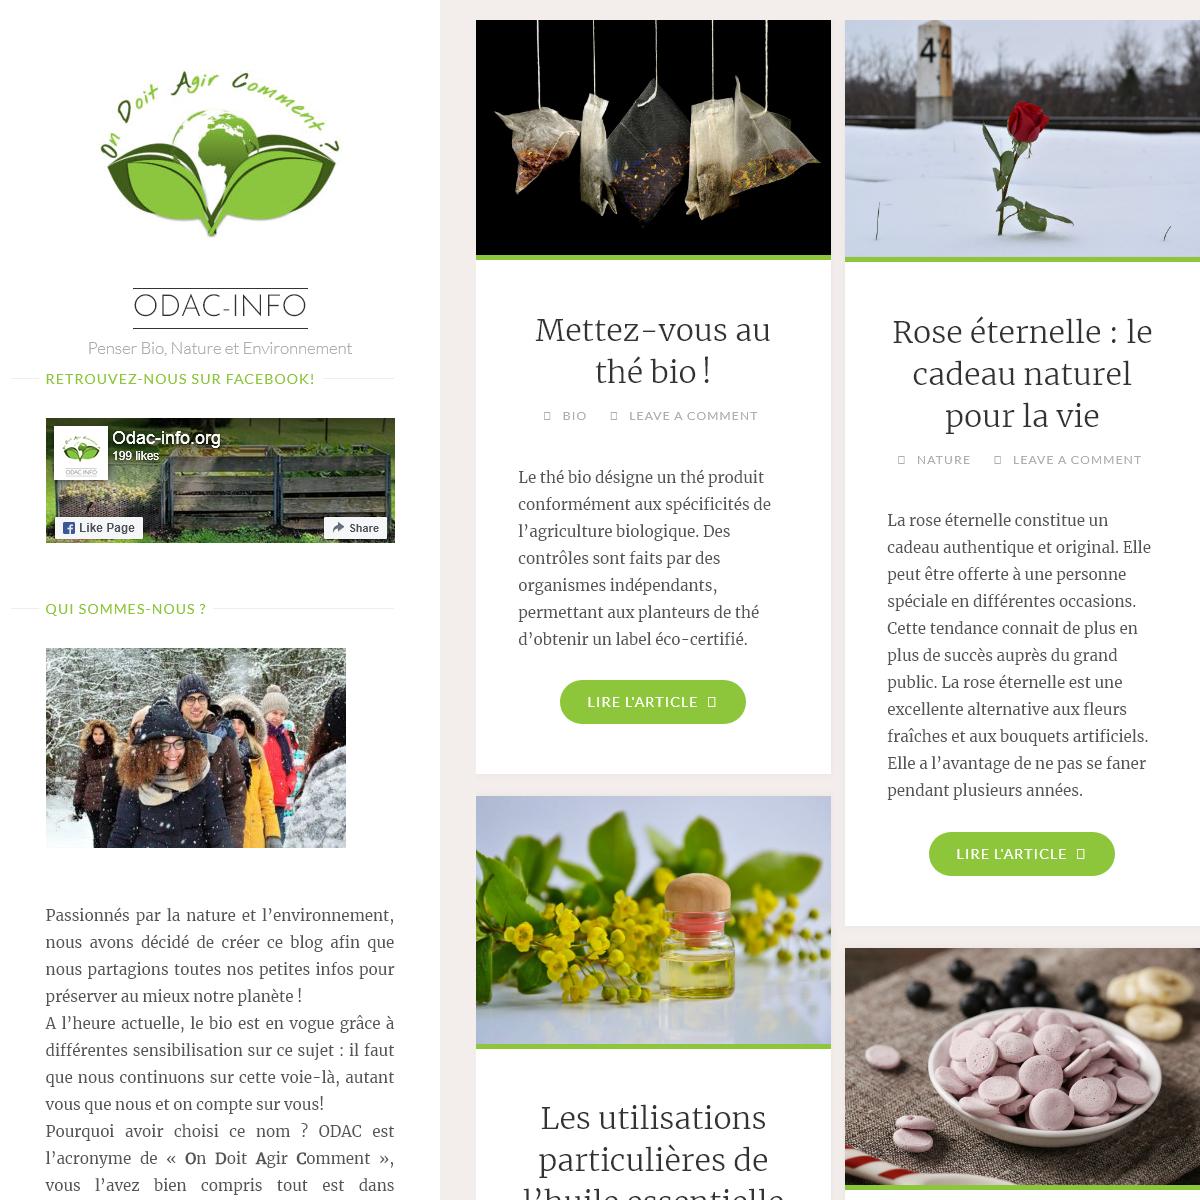 odac-info - Penser Bio, Nature et Environnement